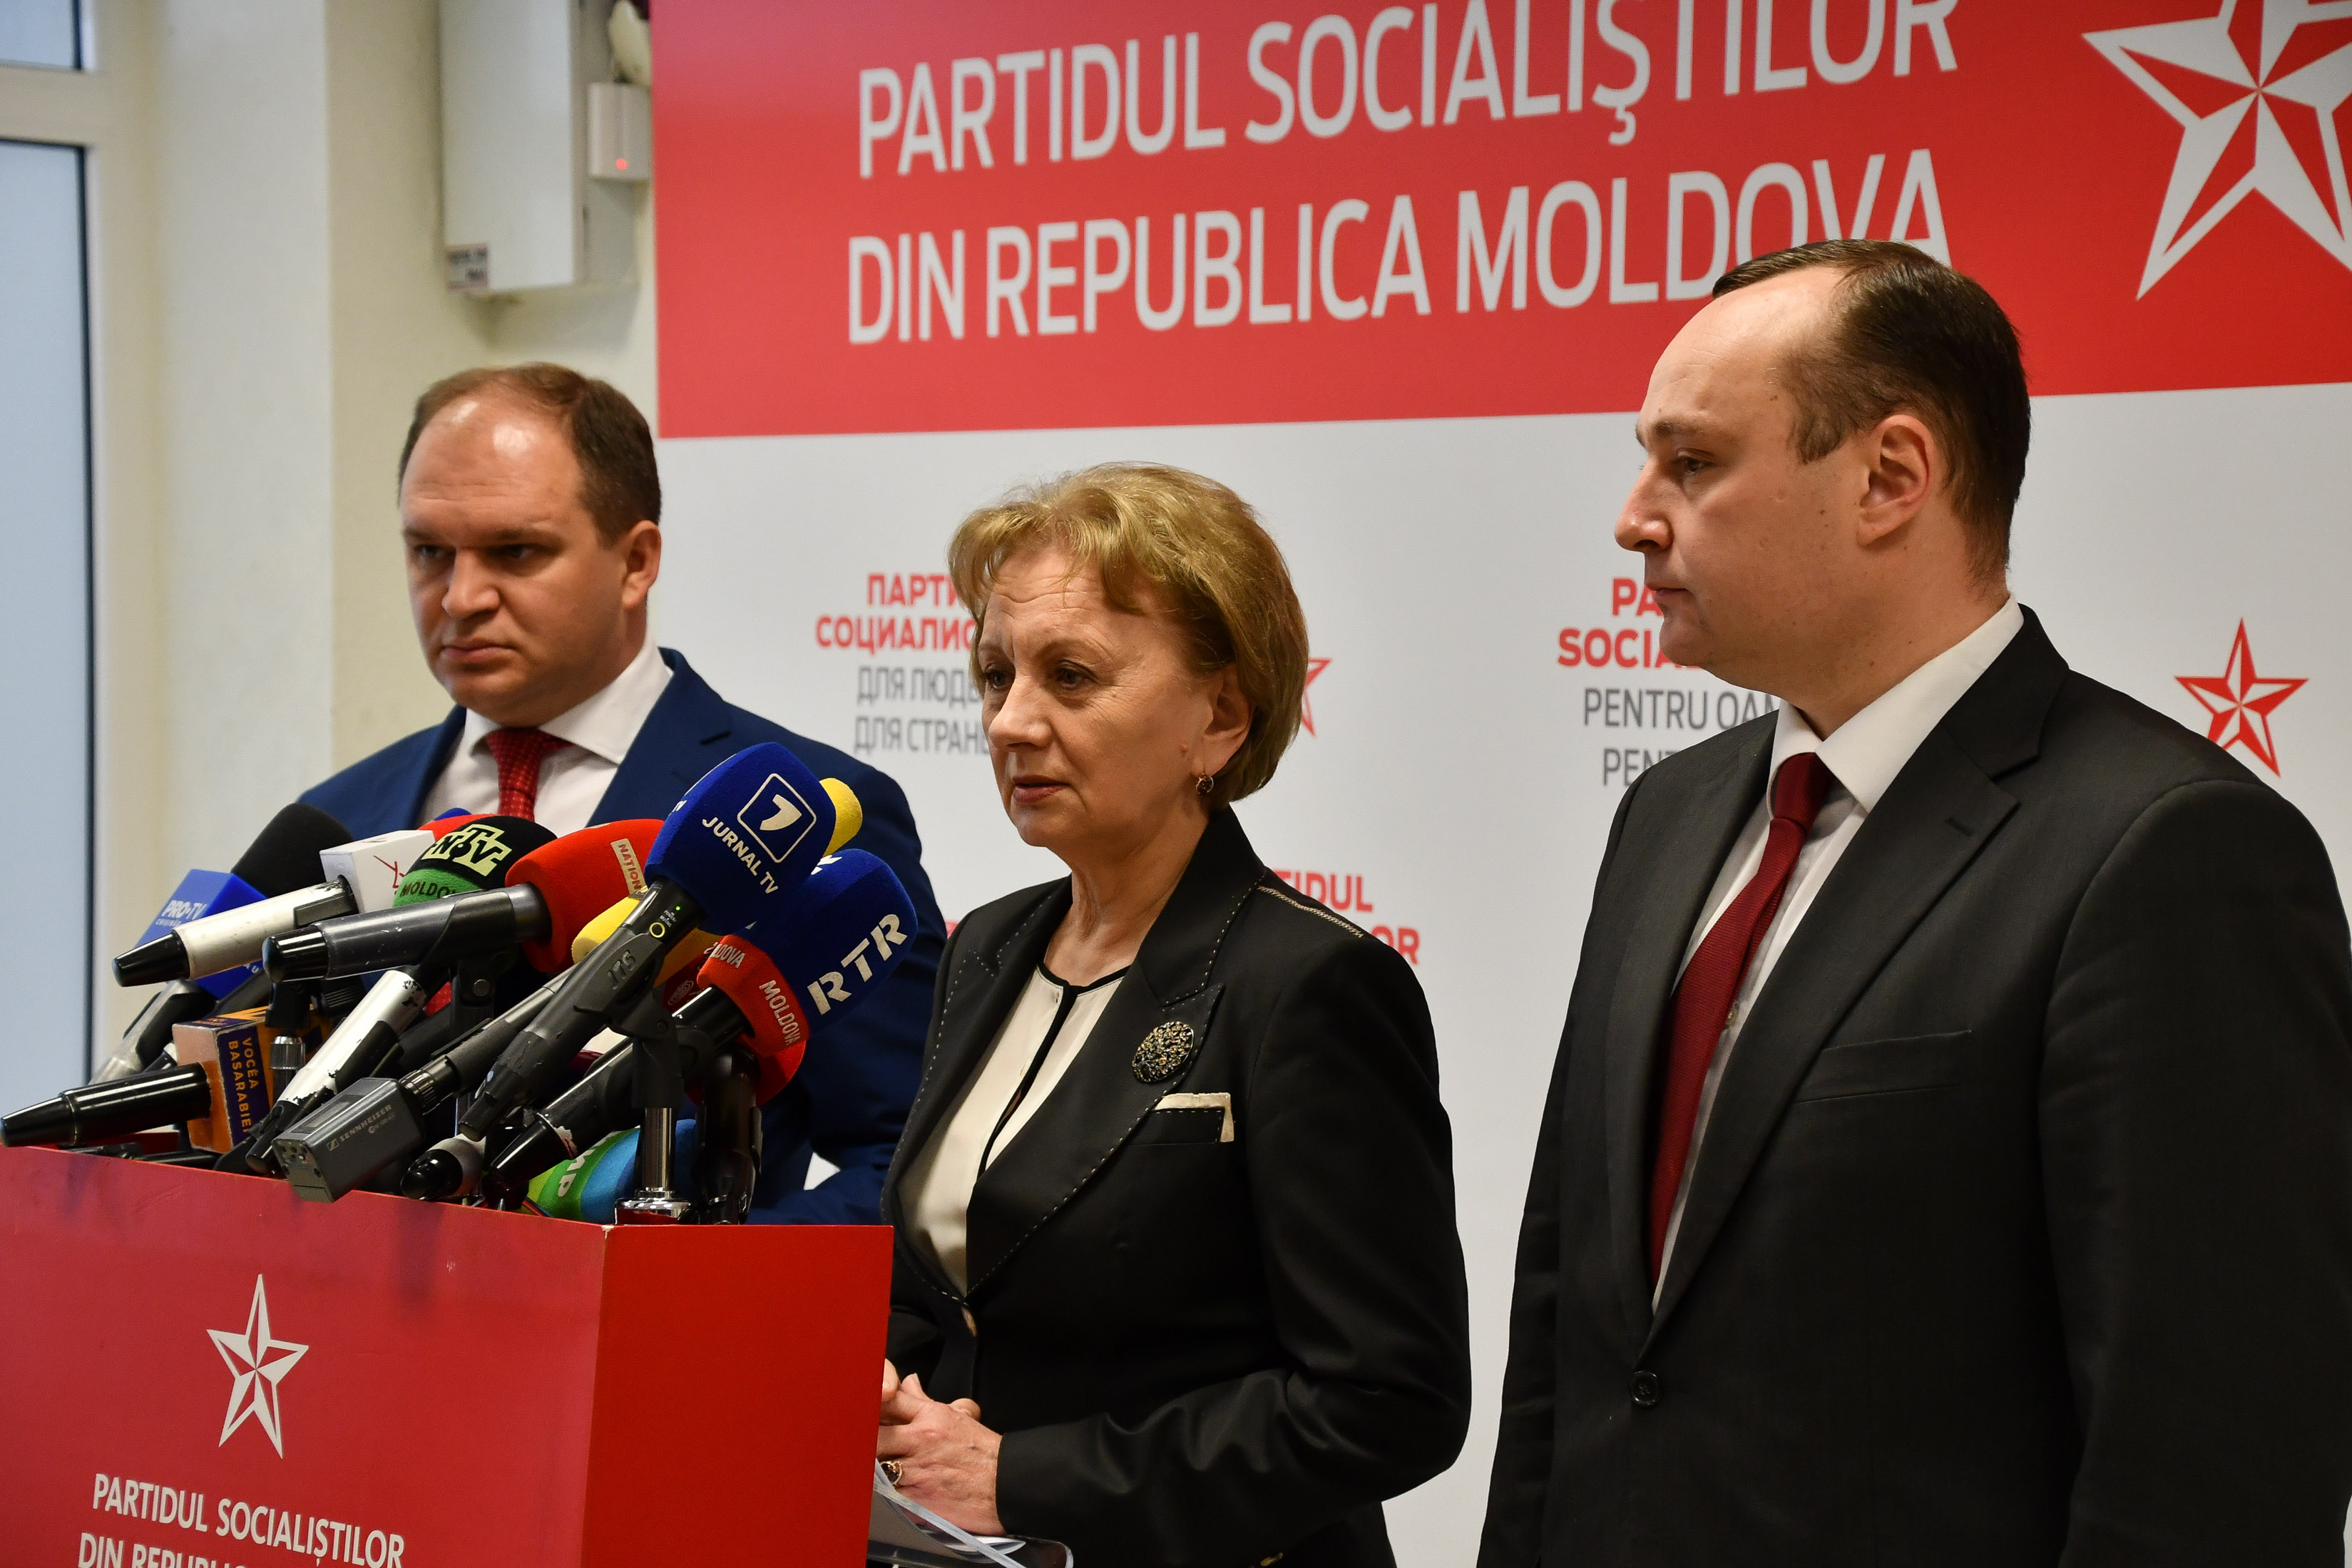 """Социалисты допускают встречу с """"АКУМ"""" в ближайшие дни: Пусть сначала ознакомятся с нашими предложениями"""